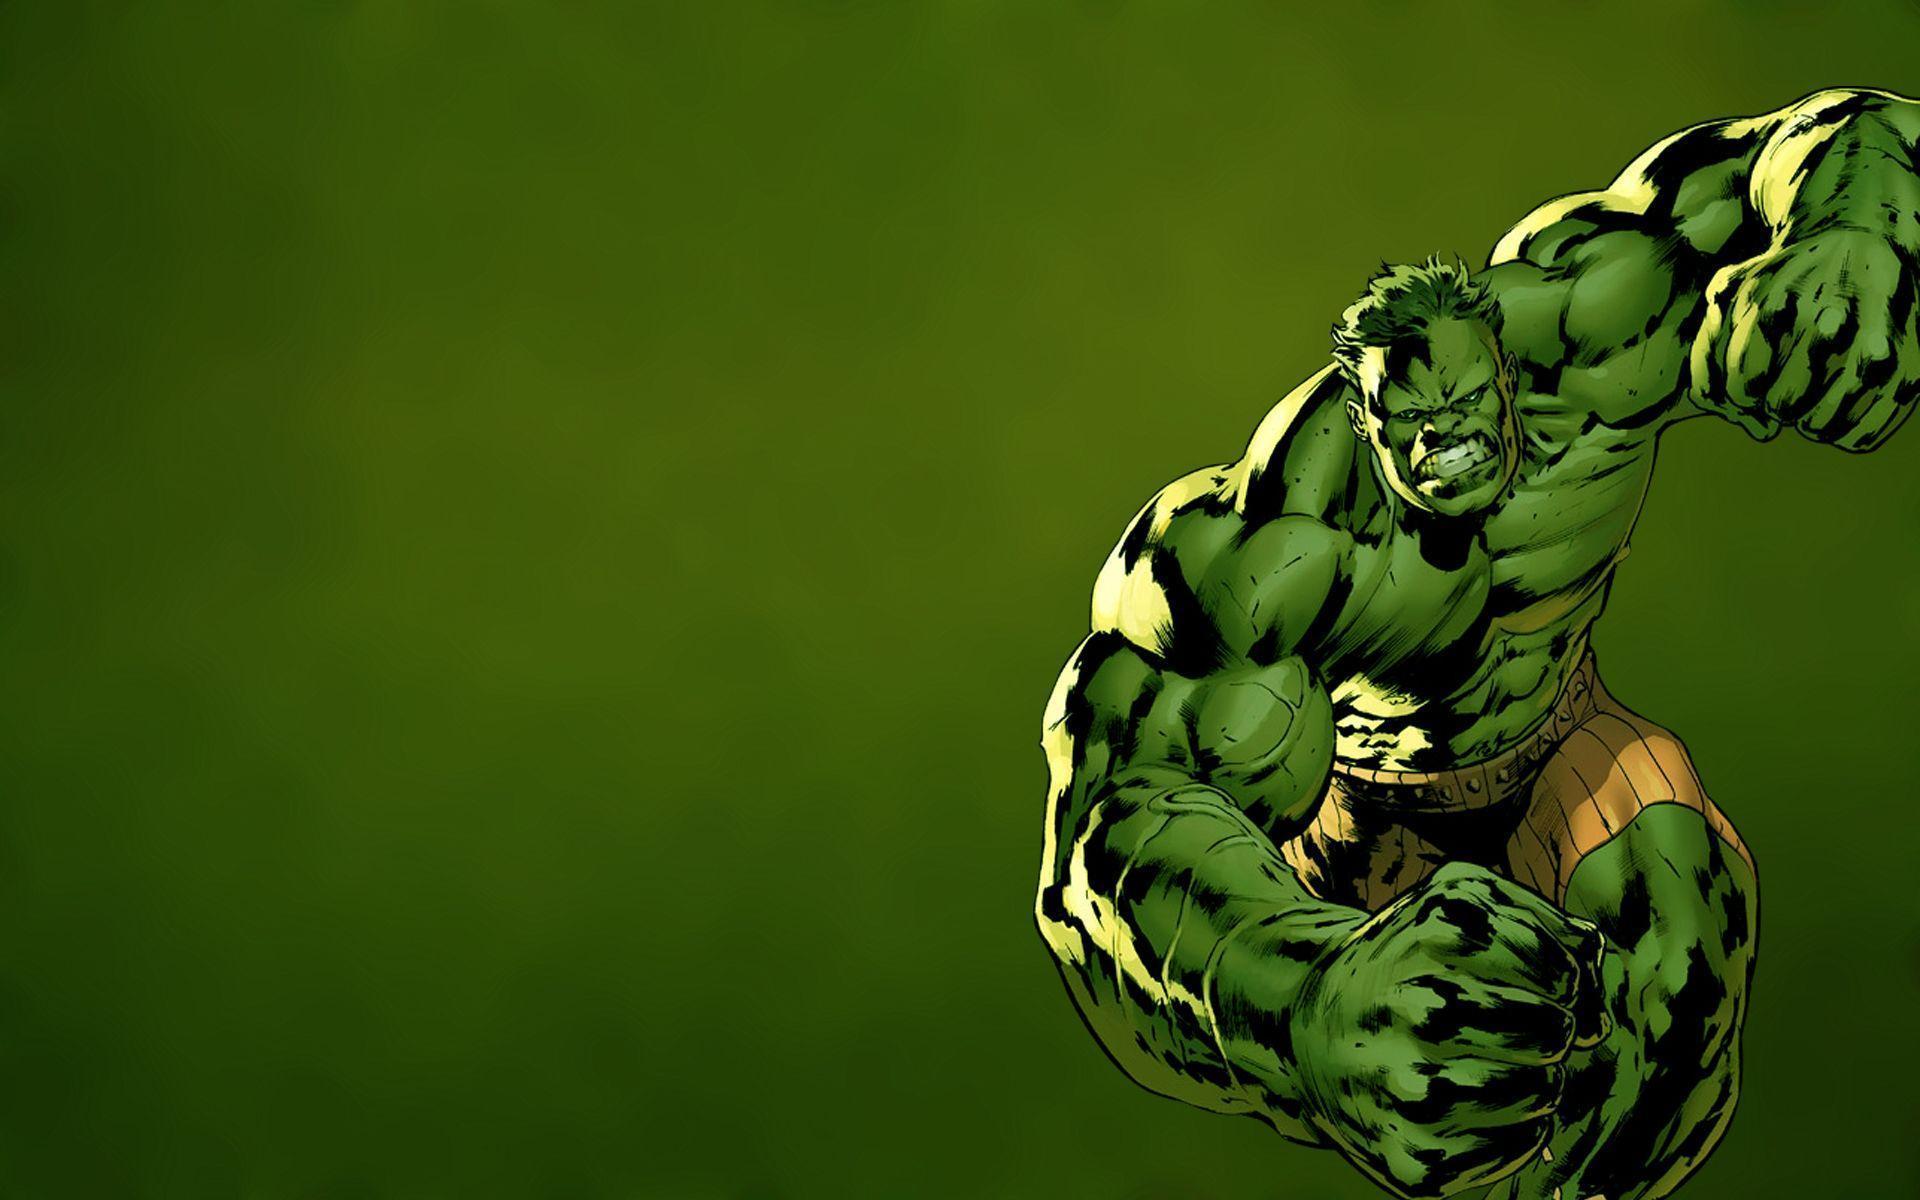 Incredible Hulk Wallpapers 2016 - Wallpaper Cave